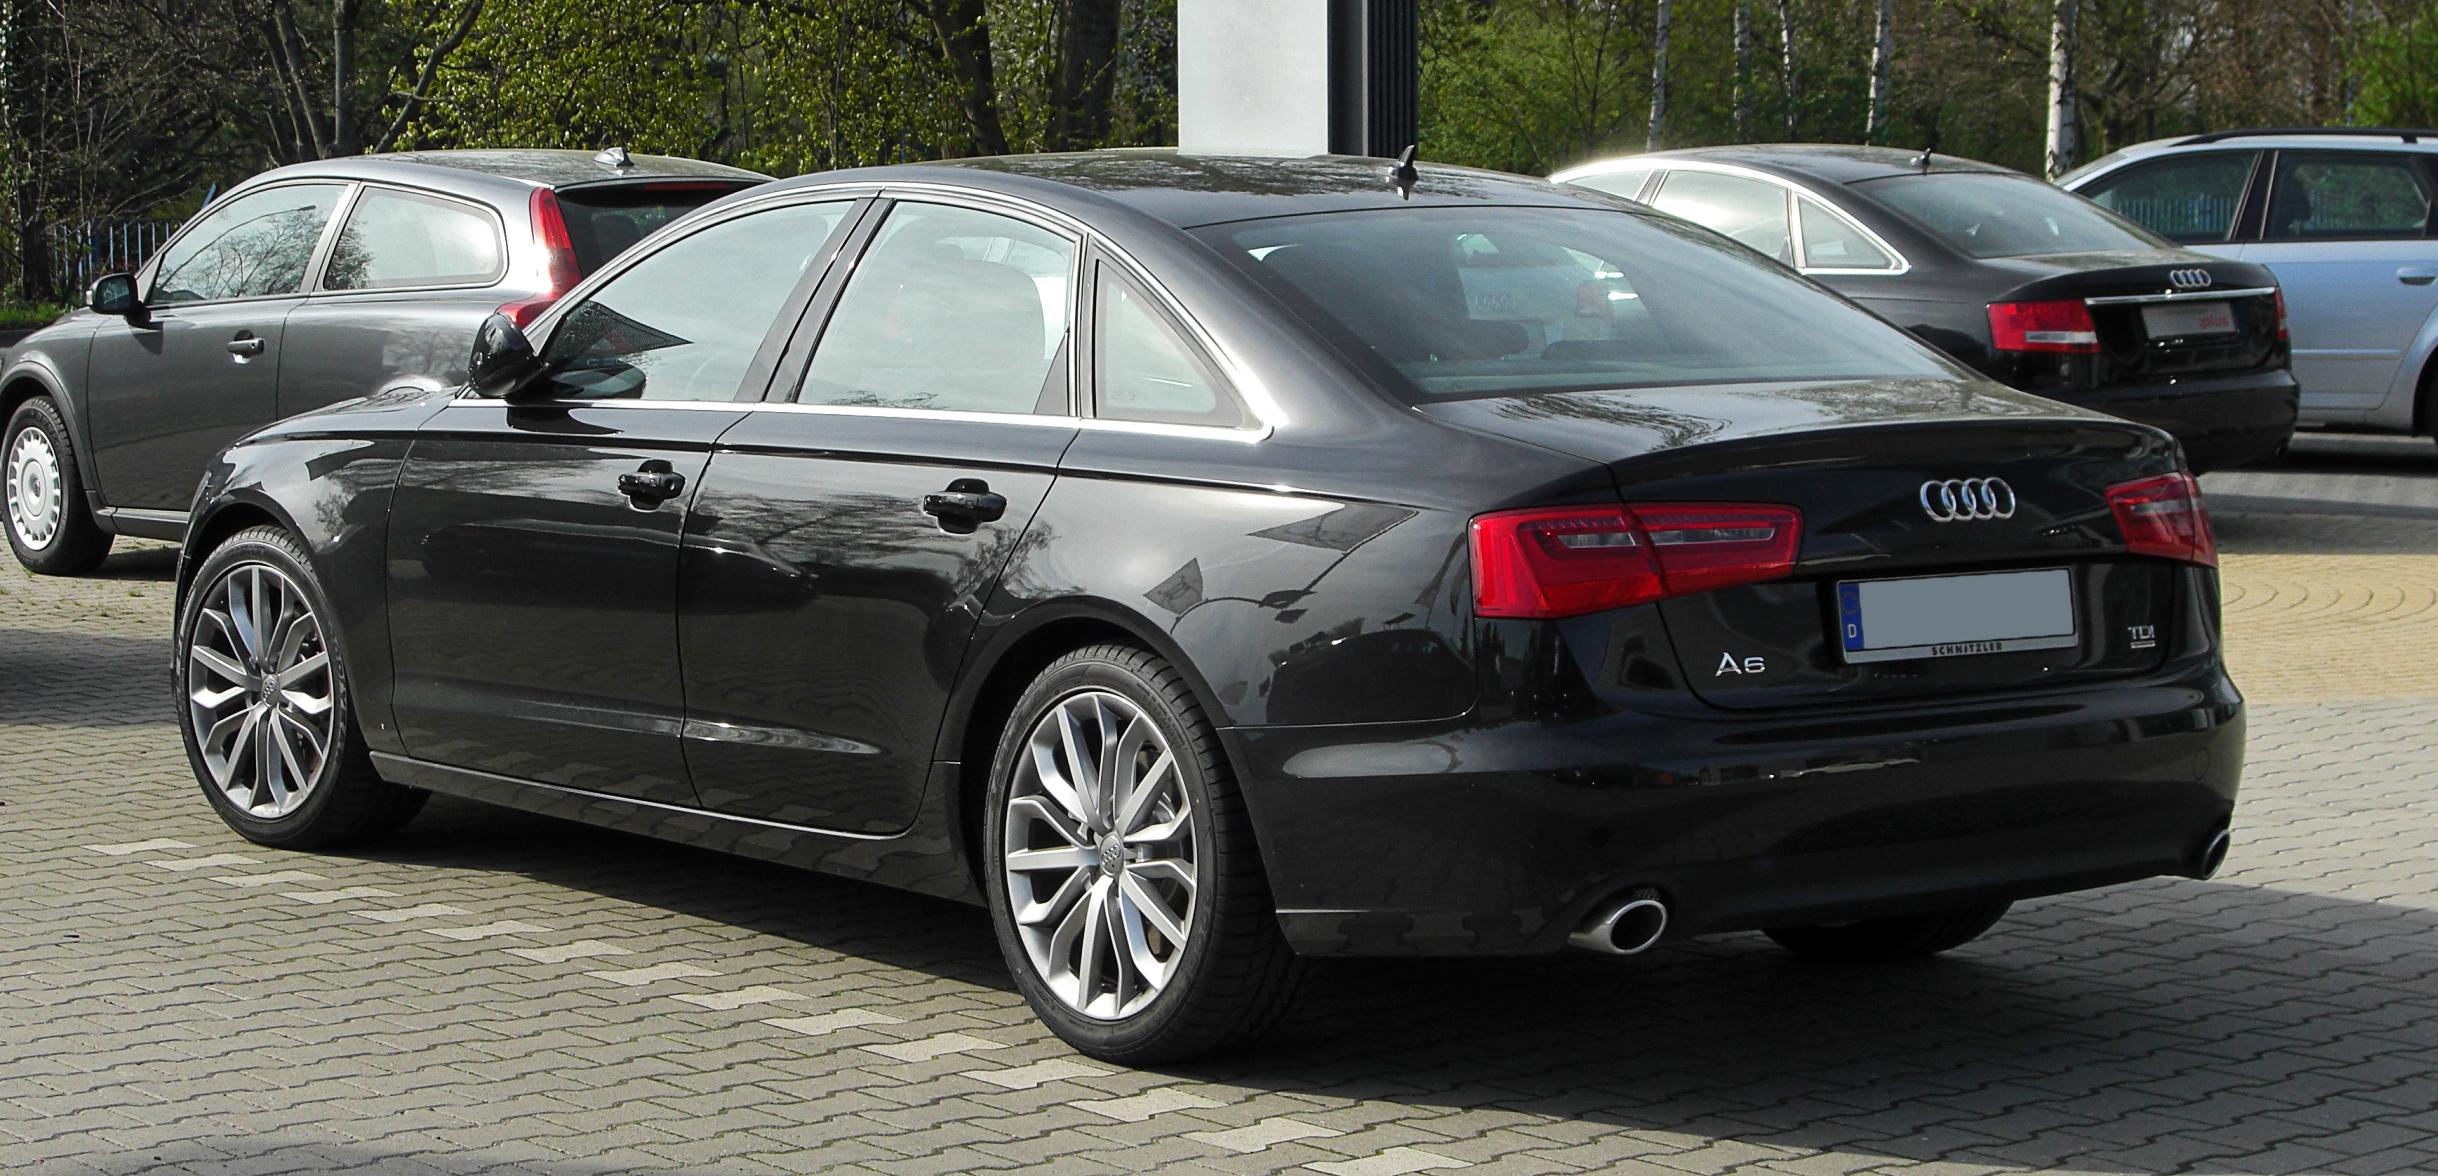 Spyshots: Audi A6 Avant 2012 Autoblog.nl